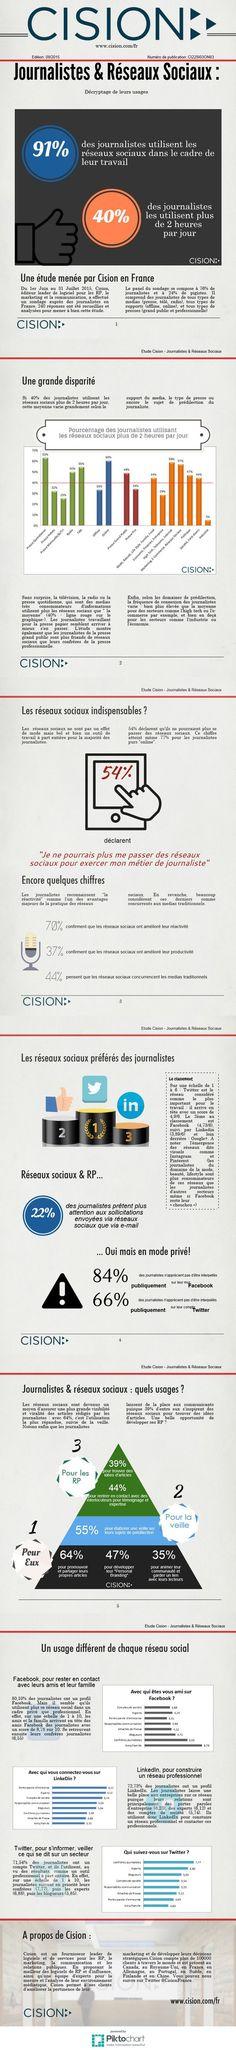 Infographie : les journalistes français et leur usage des réseaux sociaux - JDN